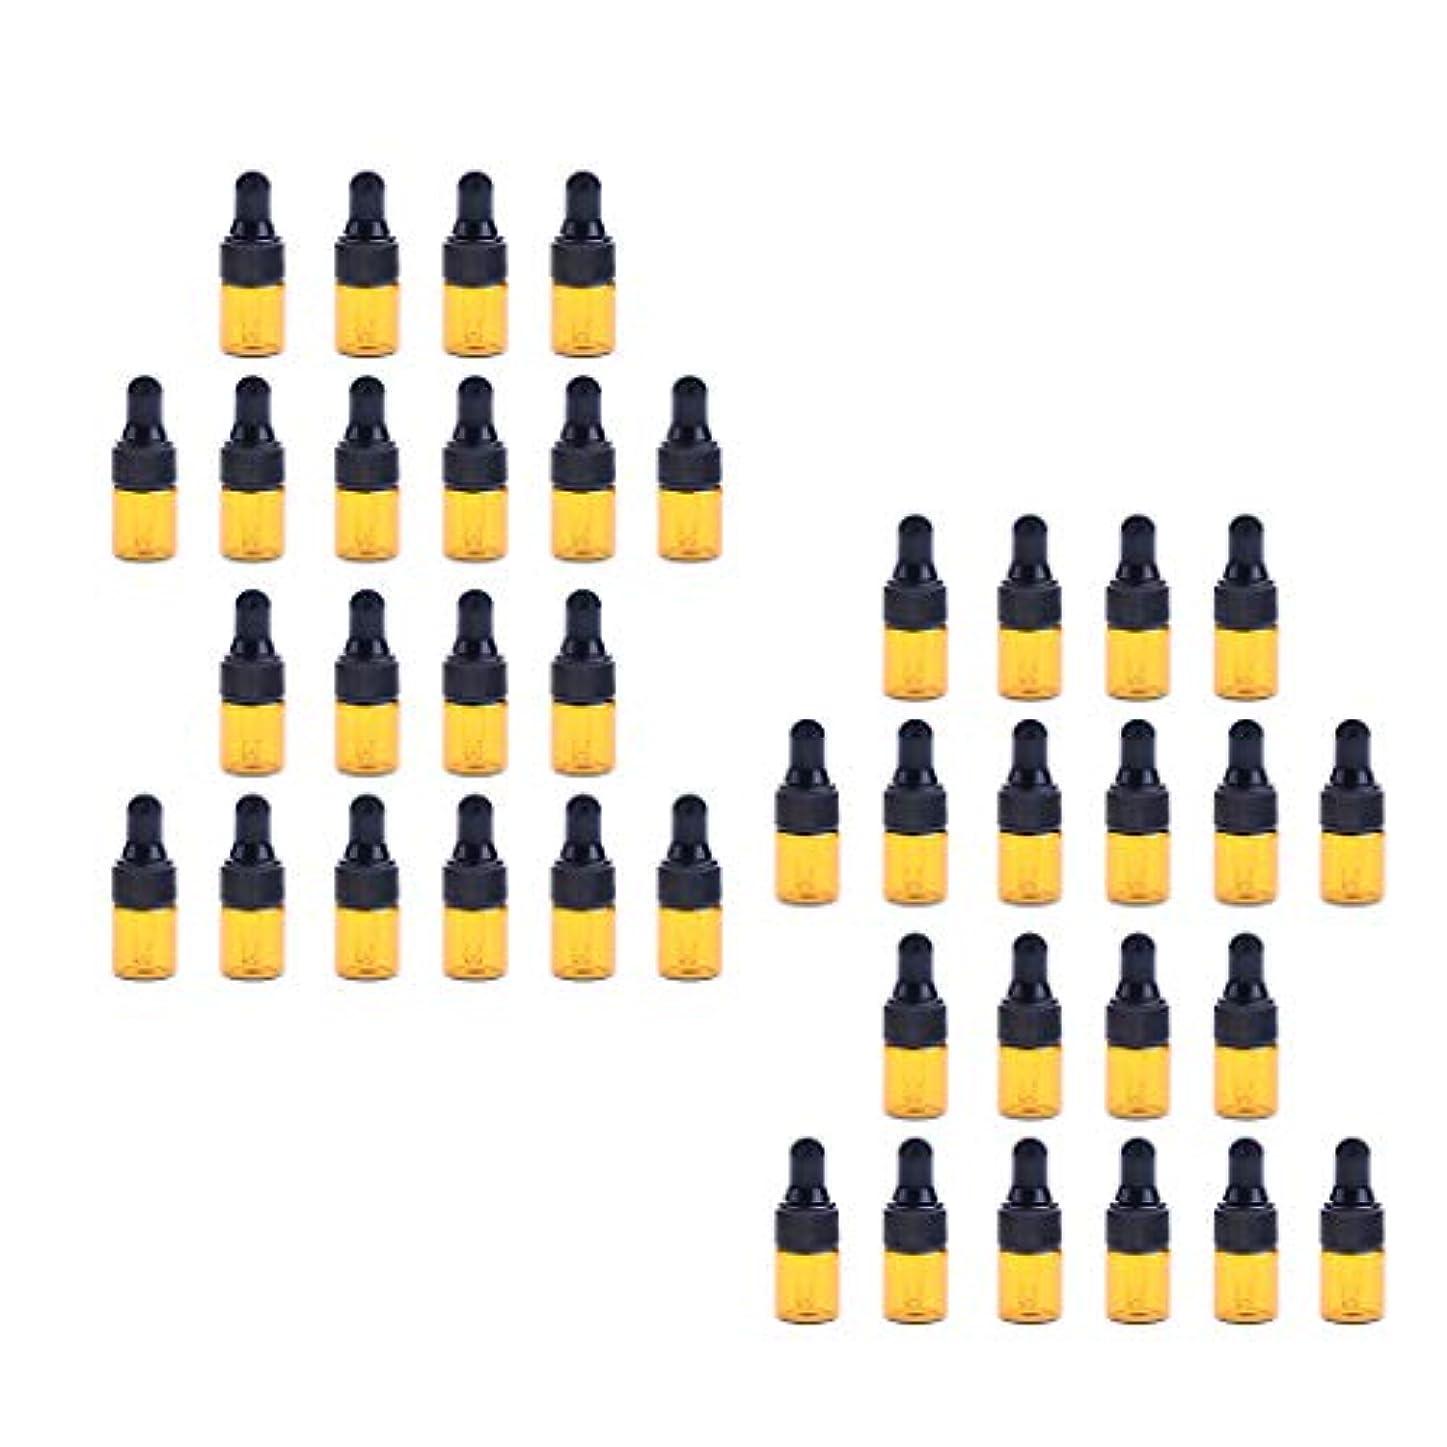 戸棚鷲奇妙な40個入 ドロッパーボトル ガラス瓶 エッセンシャルオイル 精油 保存容器 詰め替え 小型 1ml /2ml